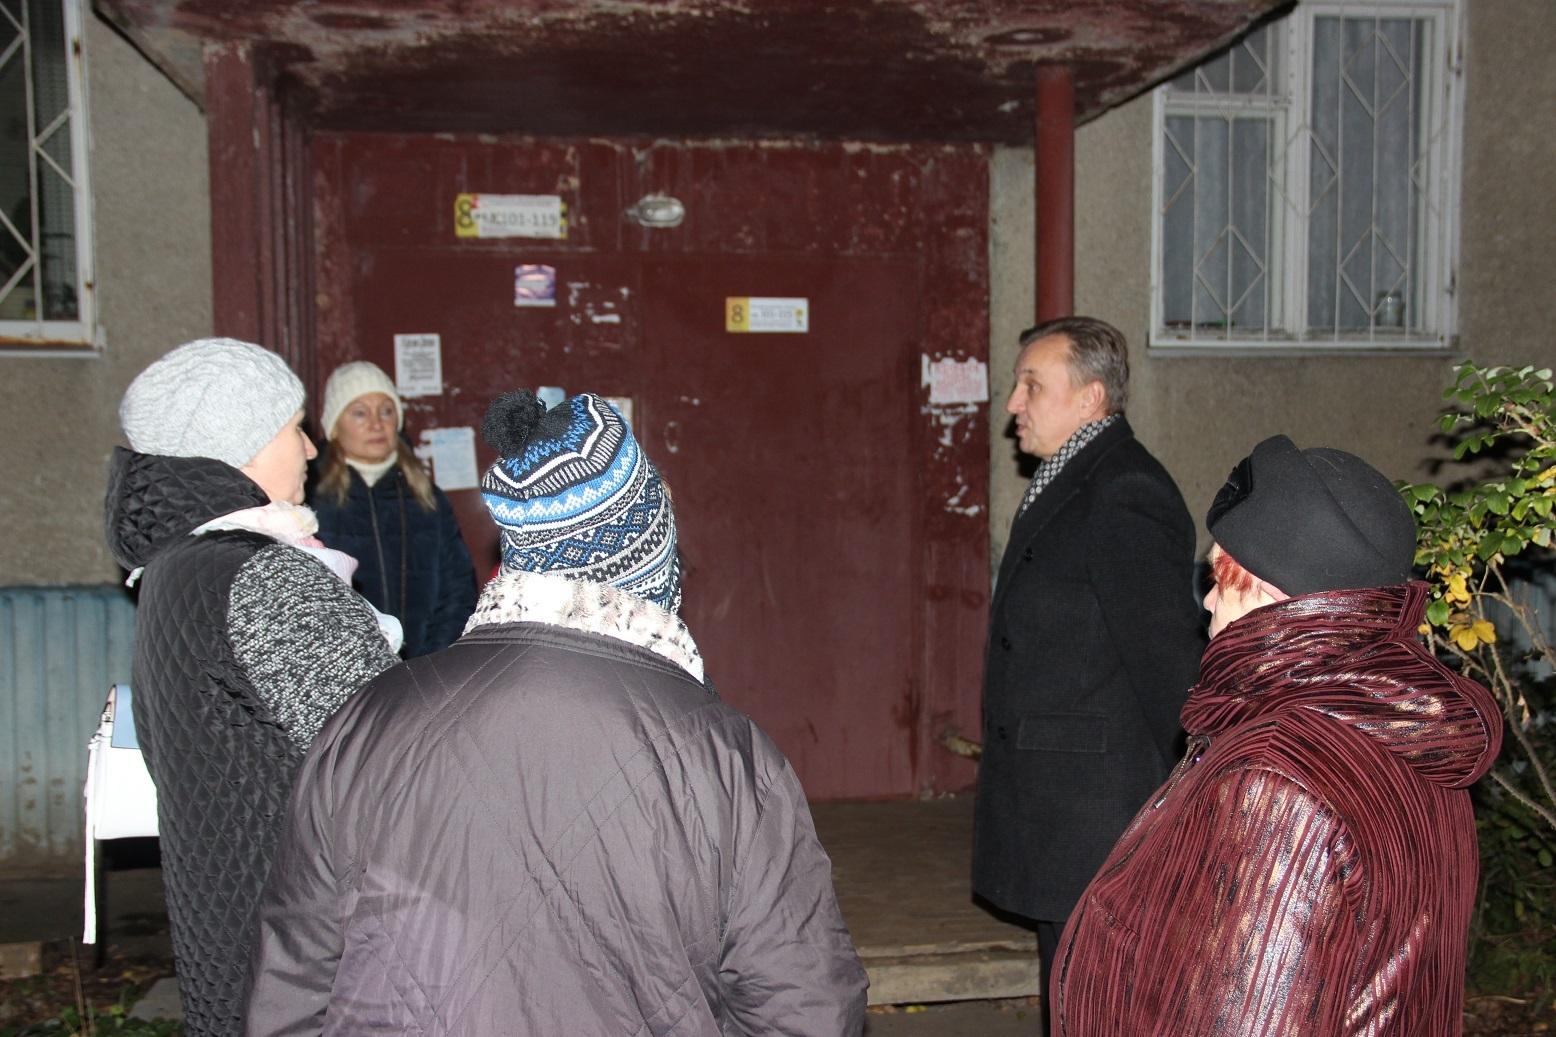 Жители Дзержинского района попросили о помощи — Валерий Байло пришел на встречу